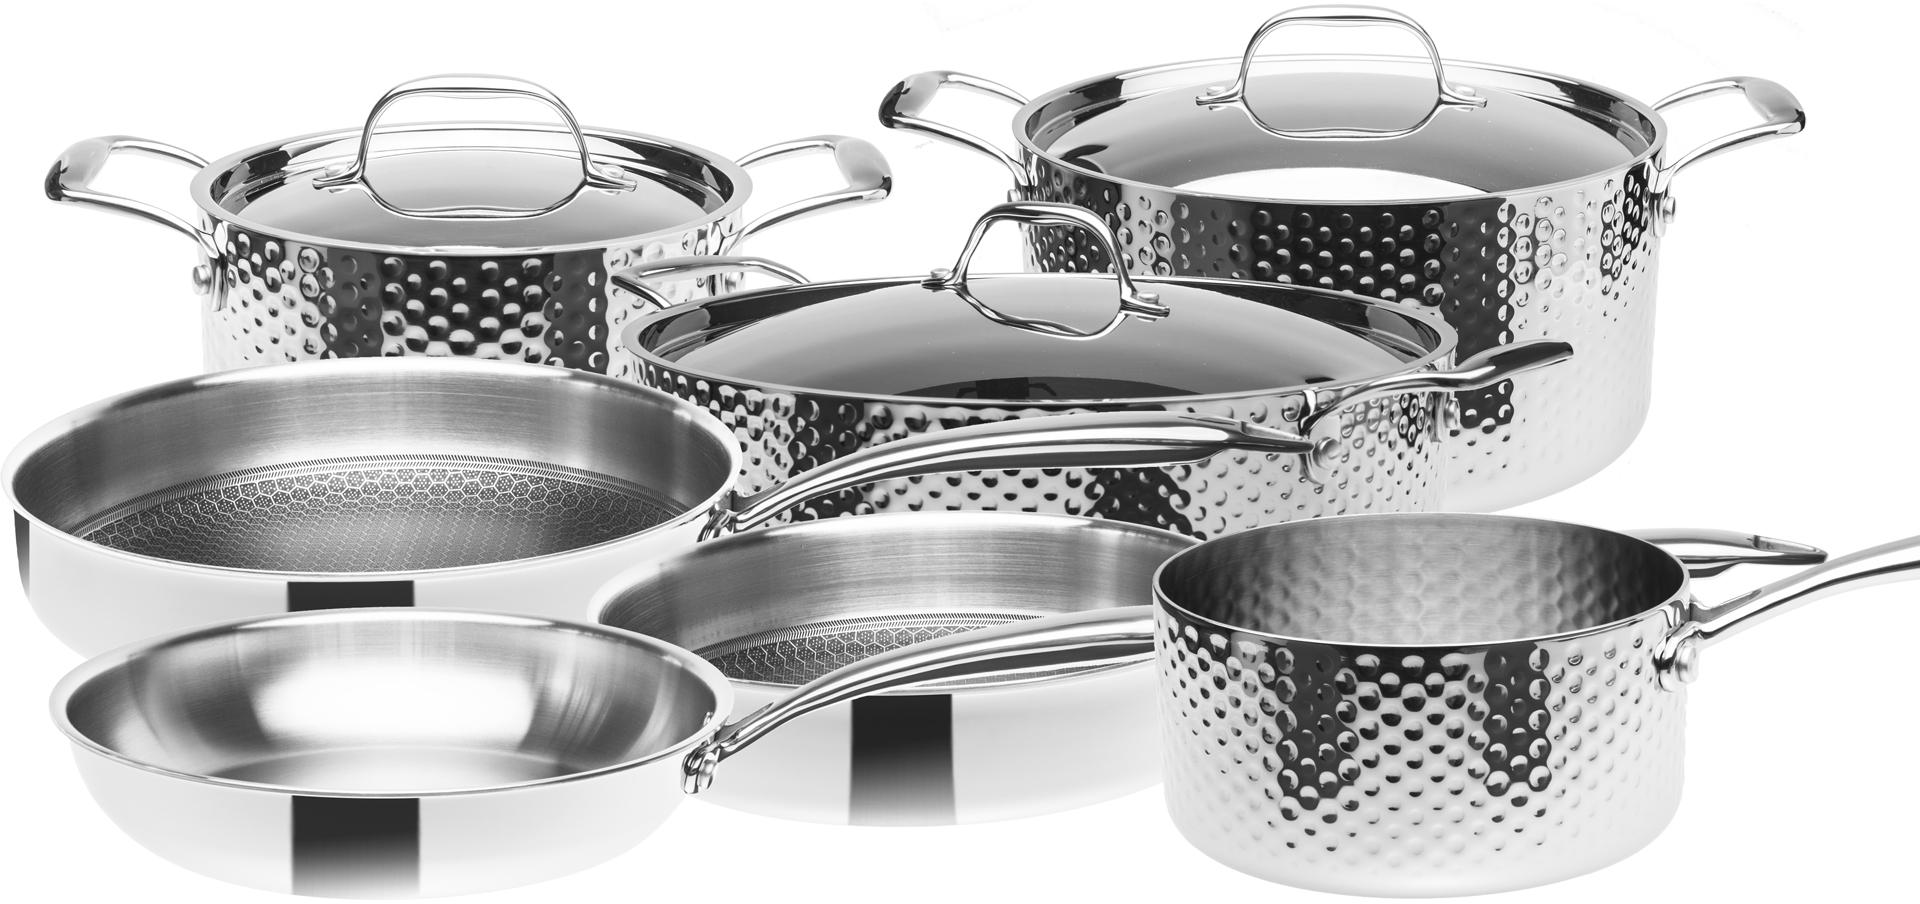 Sada nerezového nádobí, 3vrstvé, indukční, 10 dílná, STEIN